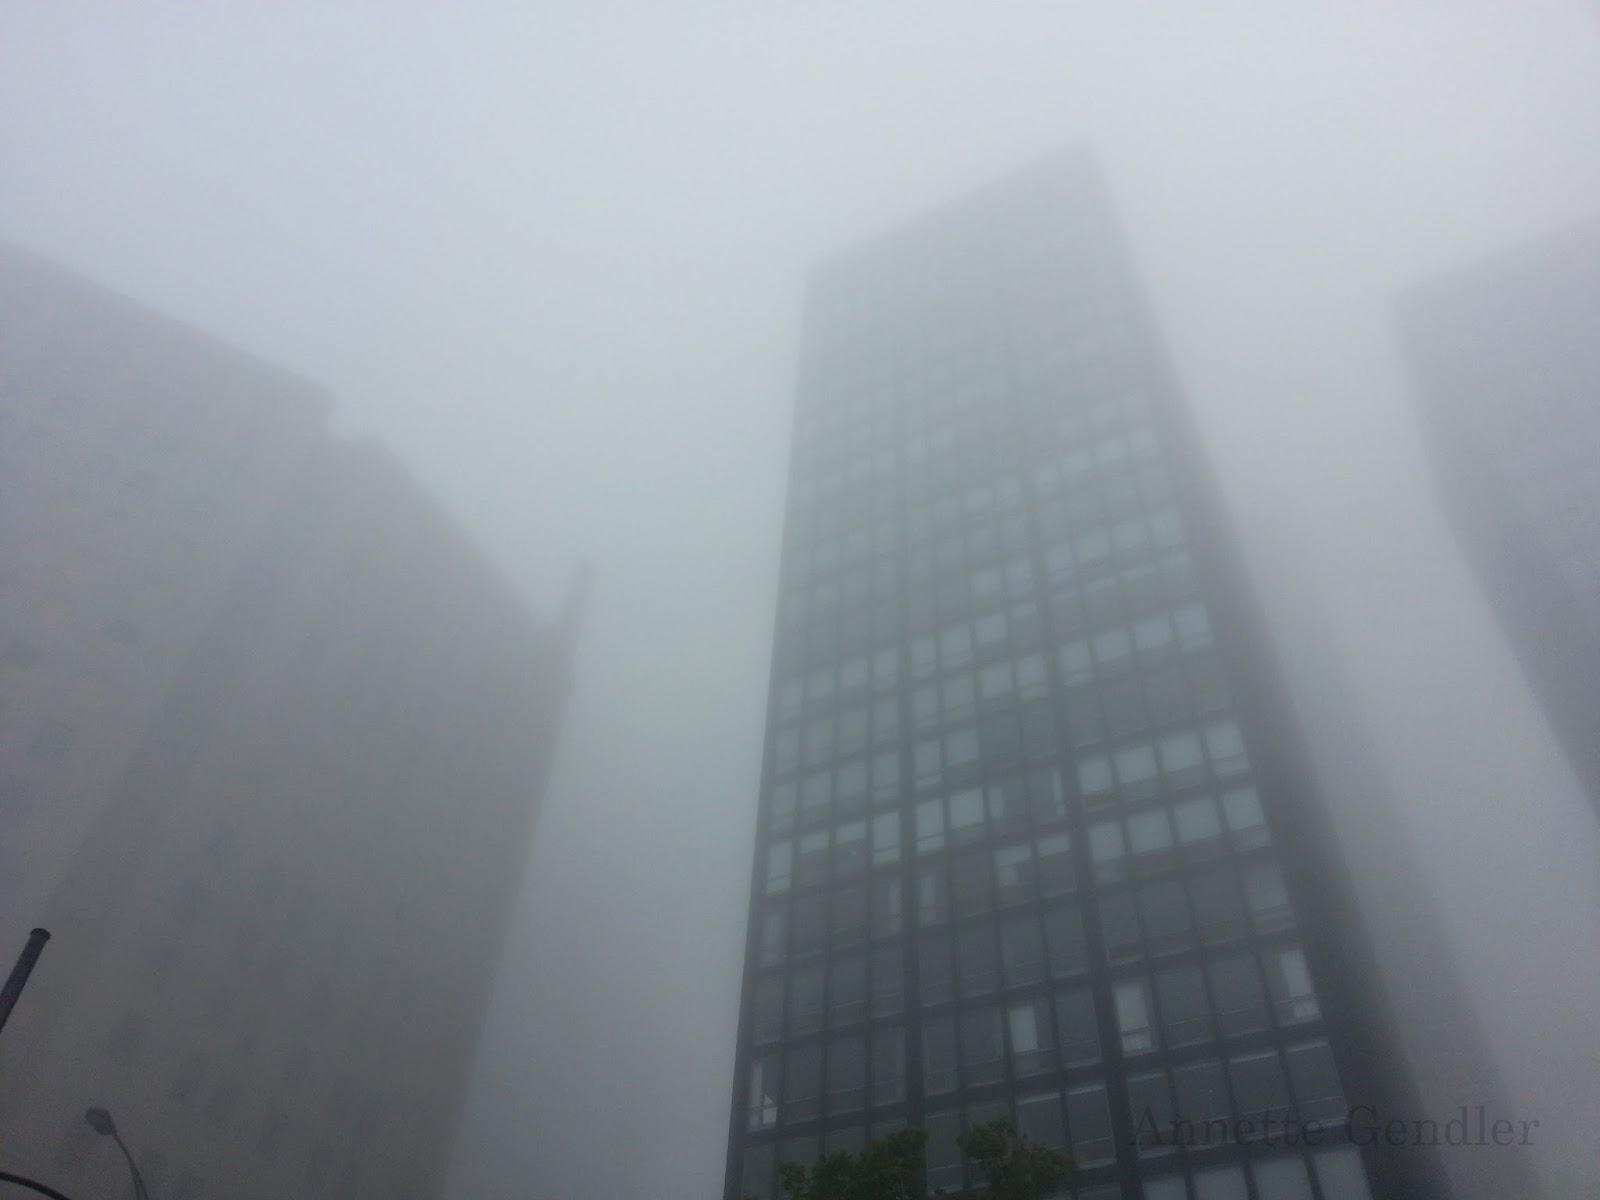 Annette Gendler: Fog on Lake Shore Drive